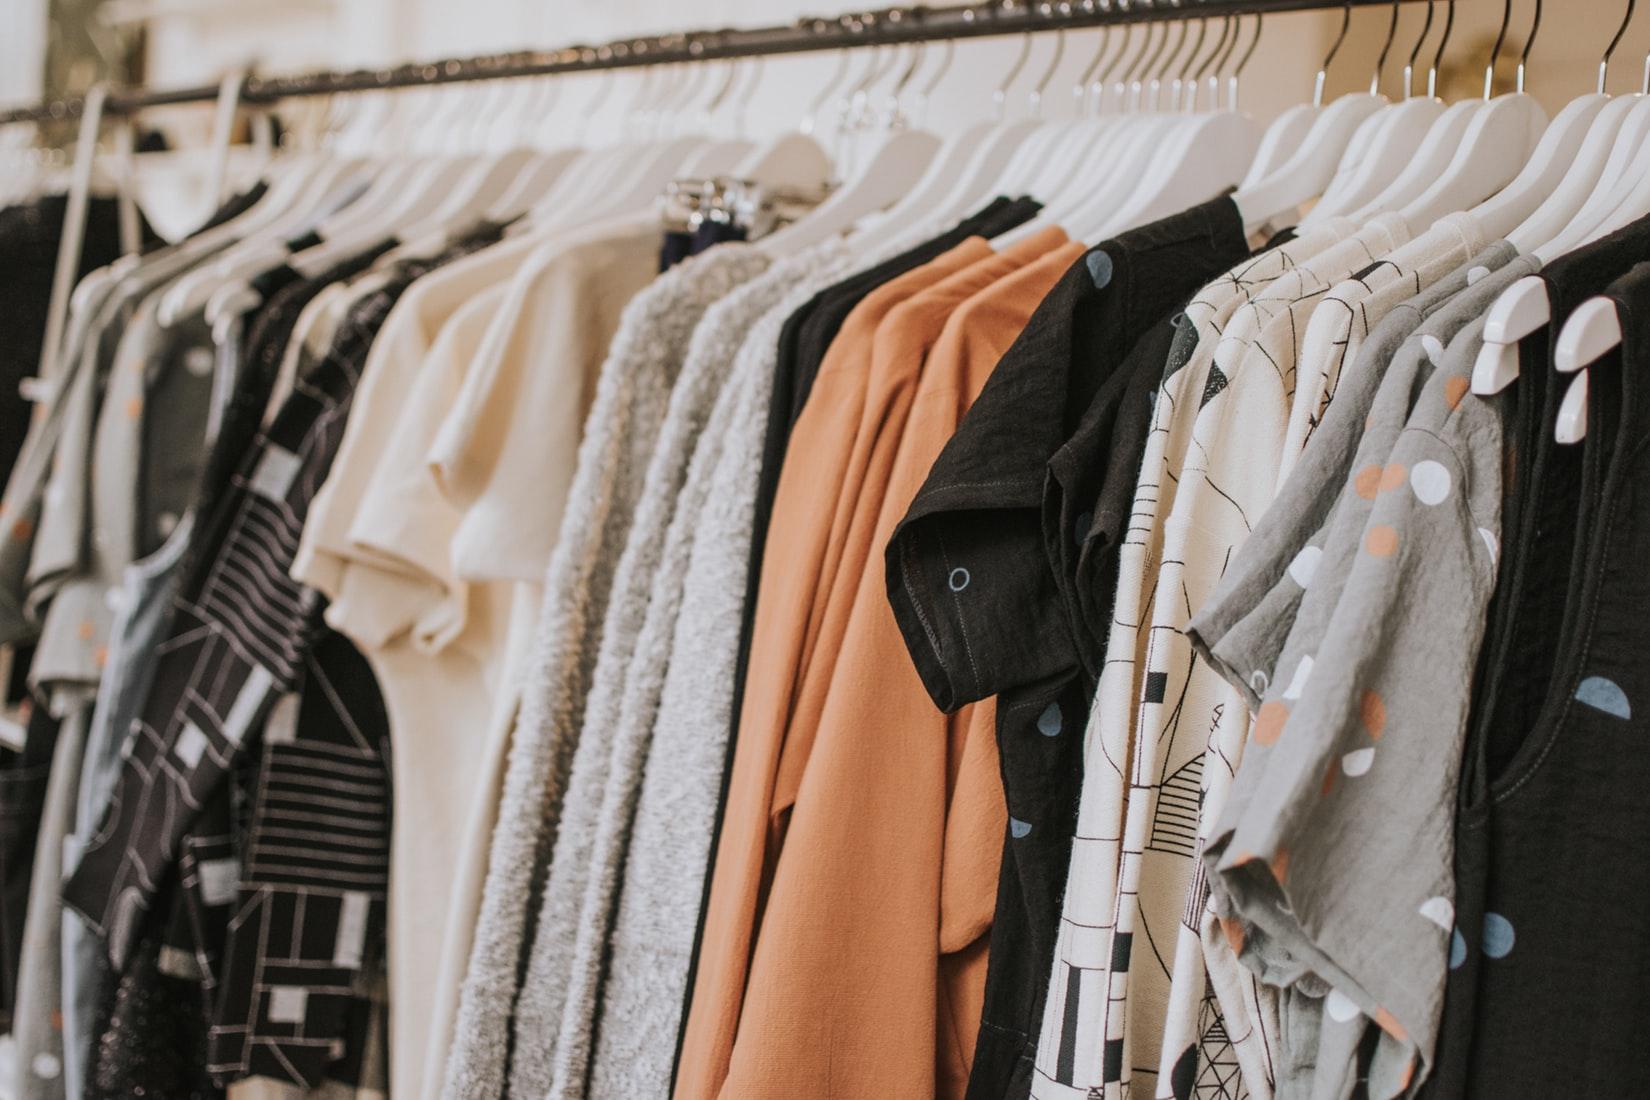 La mode éthique : comment recycler ses vêtements